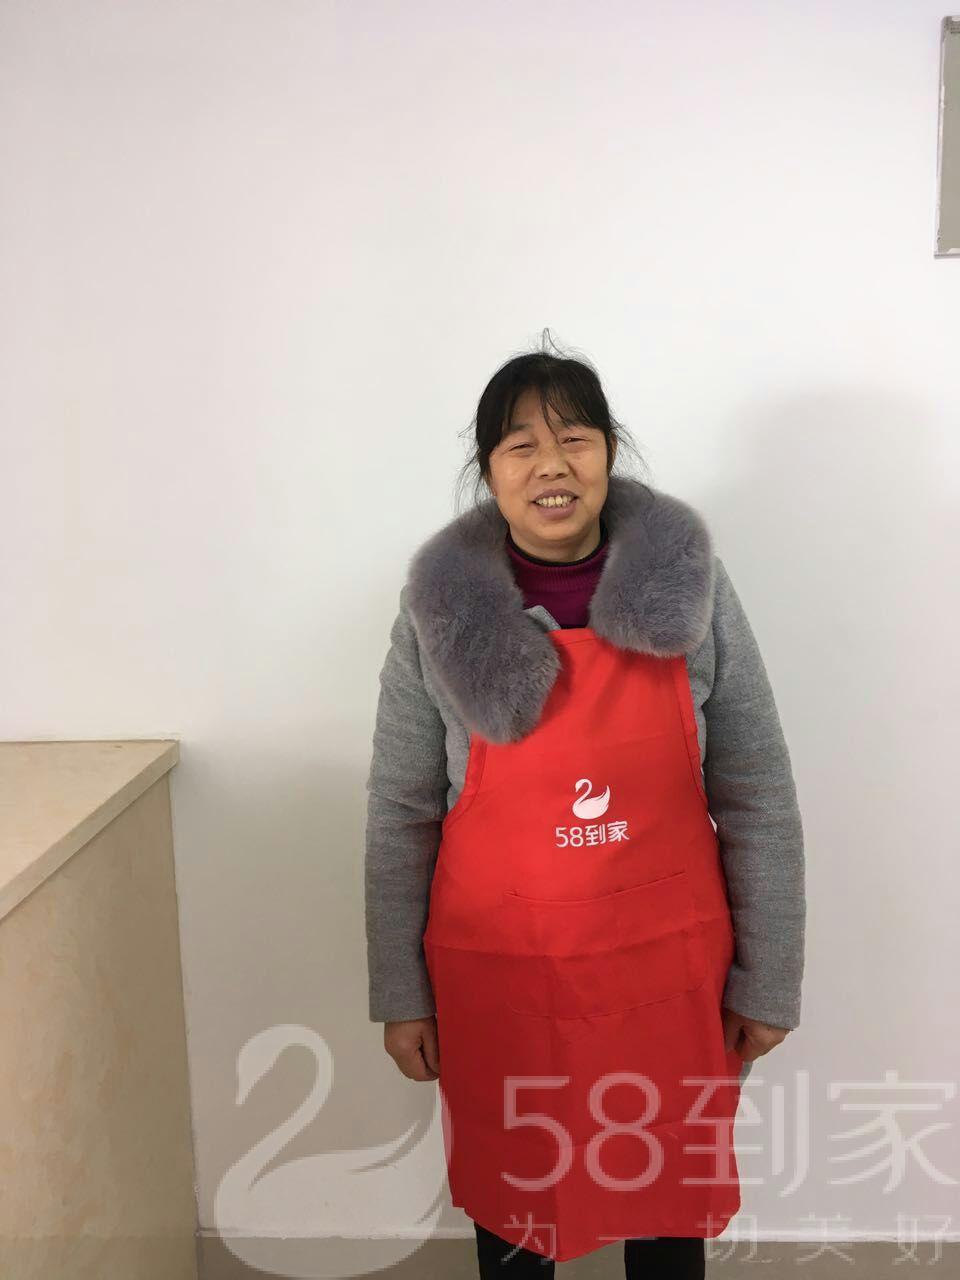 保洁师彭梅仙